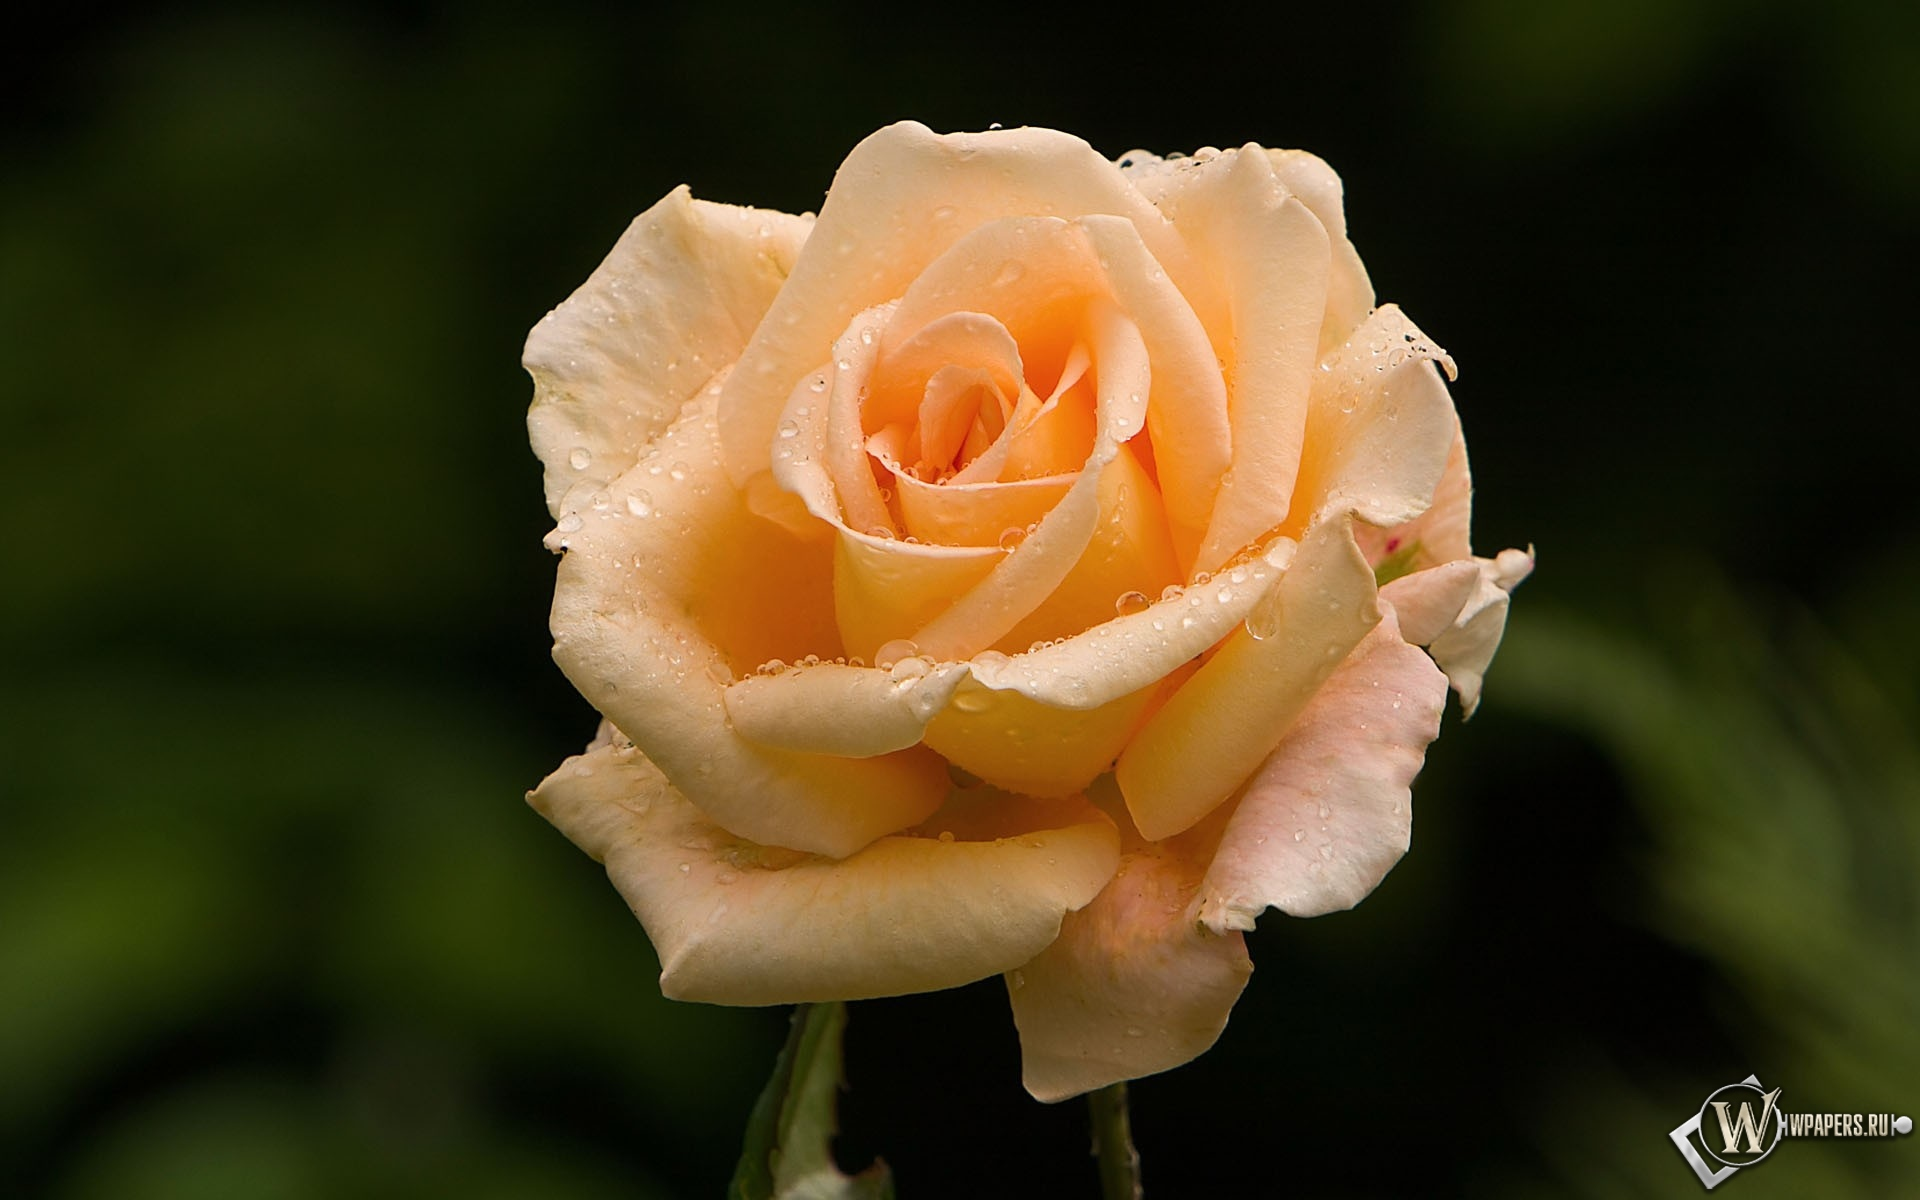 Розовая роза 1920x1200